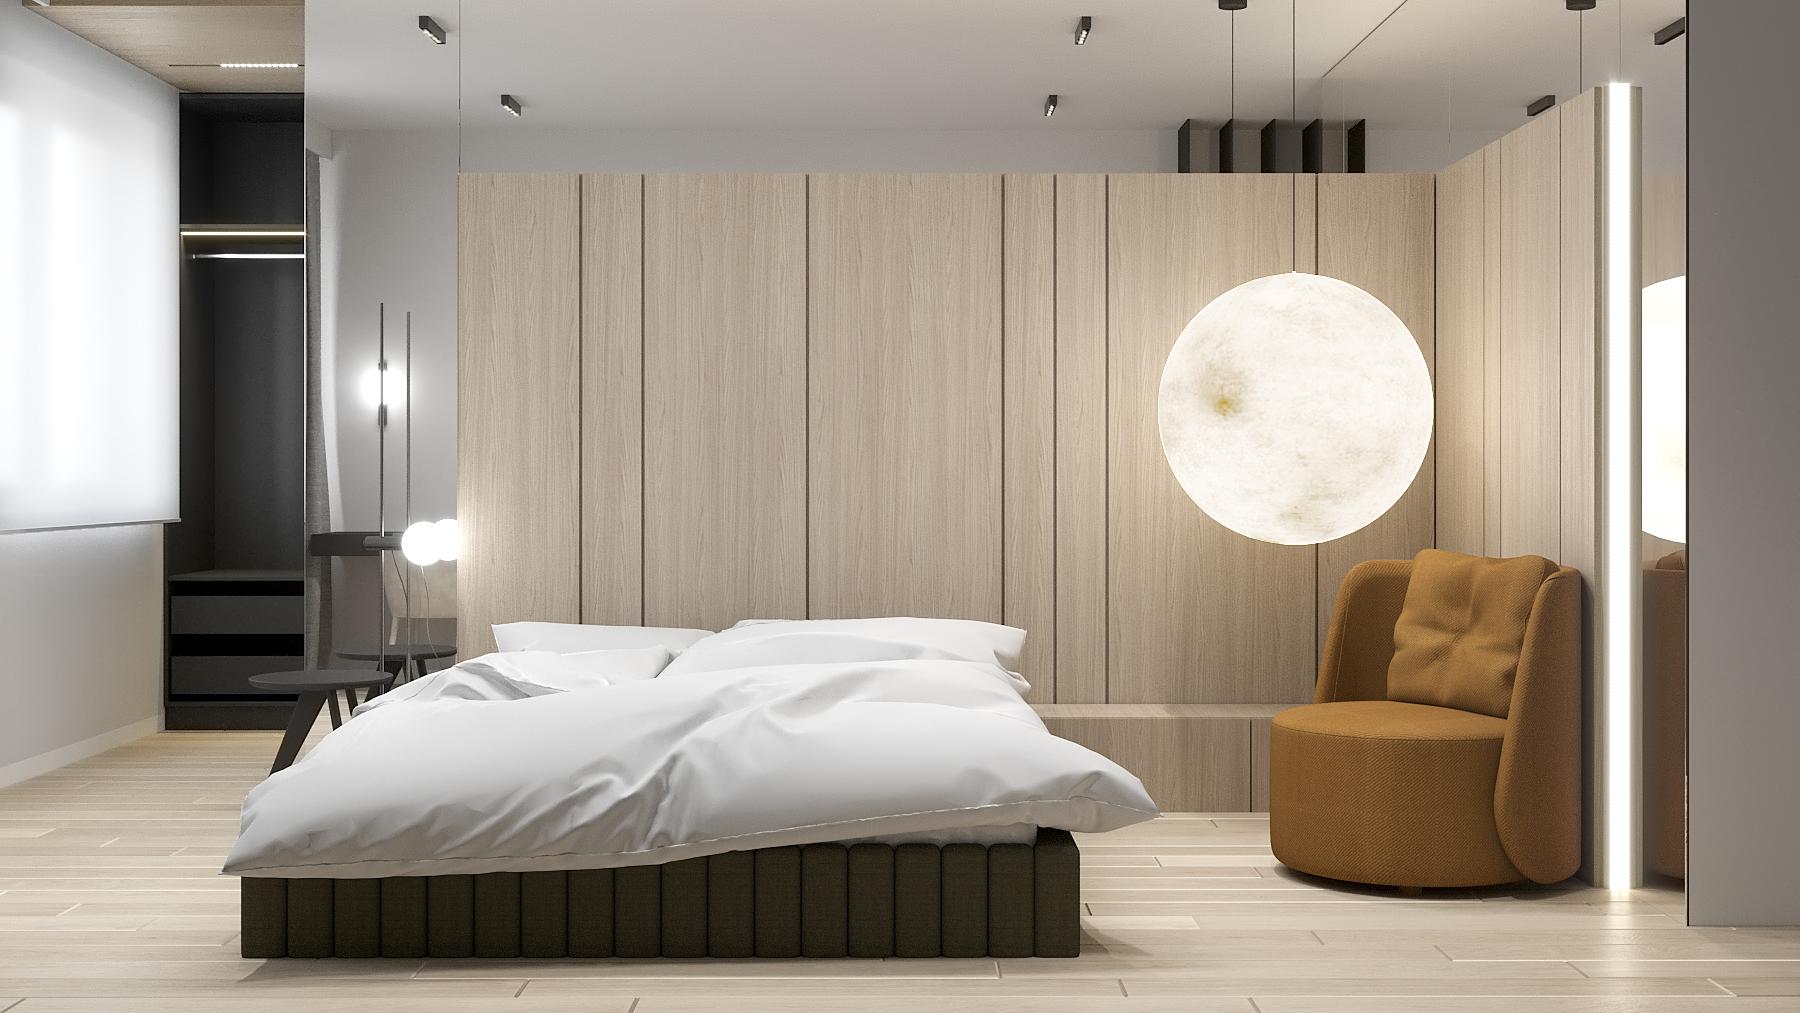 7 aranzacja wnetrz M523 mieszkanie Chorzow sypialnia lampa moon fotele w sypialni drewno na scianie tapicerowane lozko